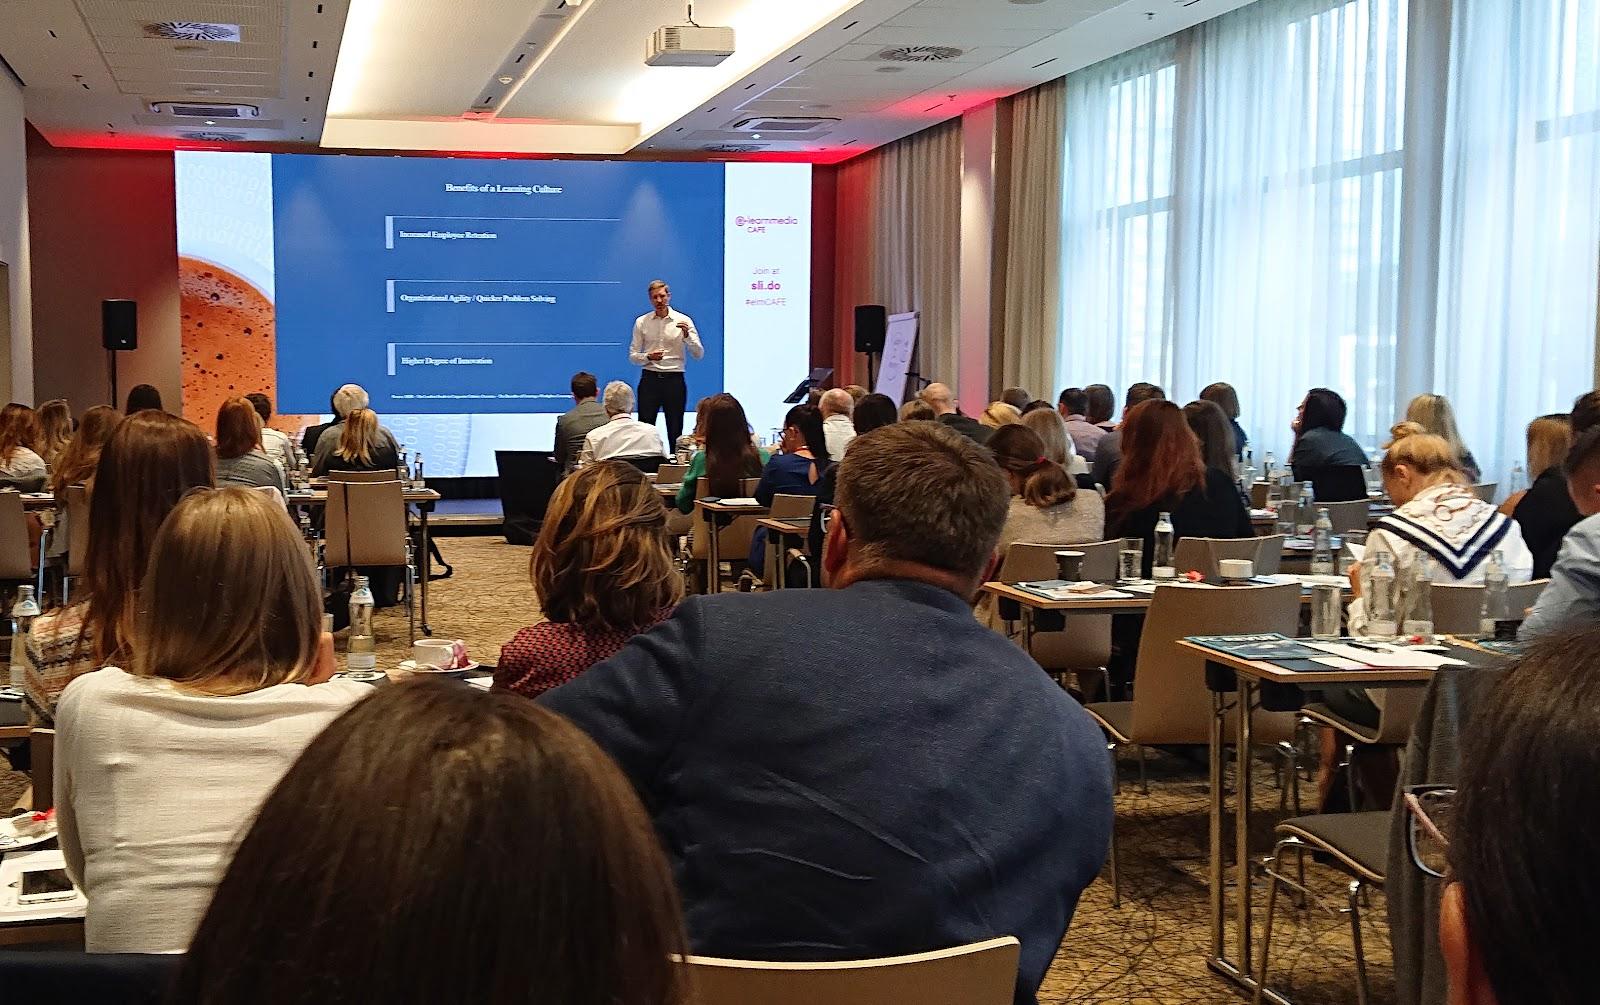 Mathias Dockner hovorí o tom, prečo je dôležité mať v organizácii vzdelávaciu kultúru.